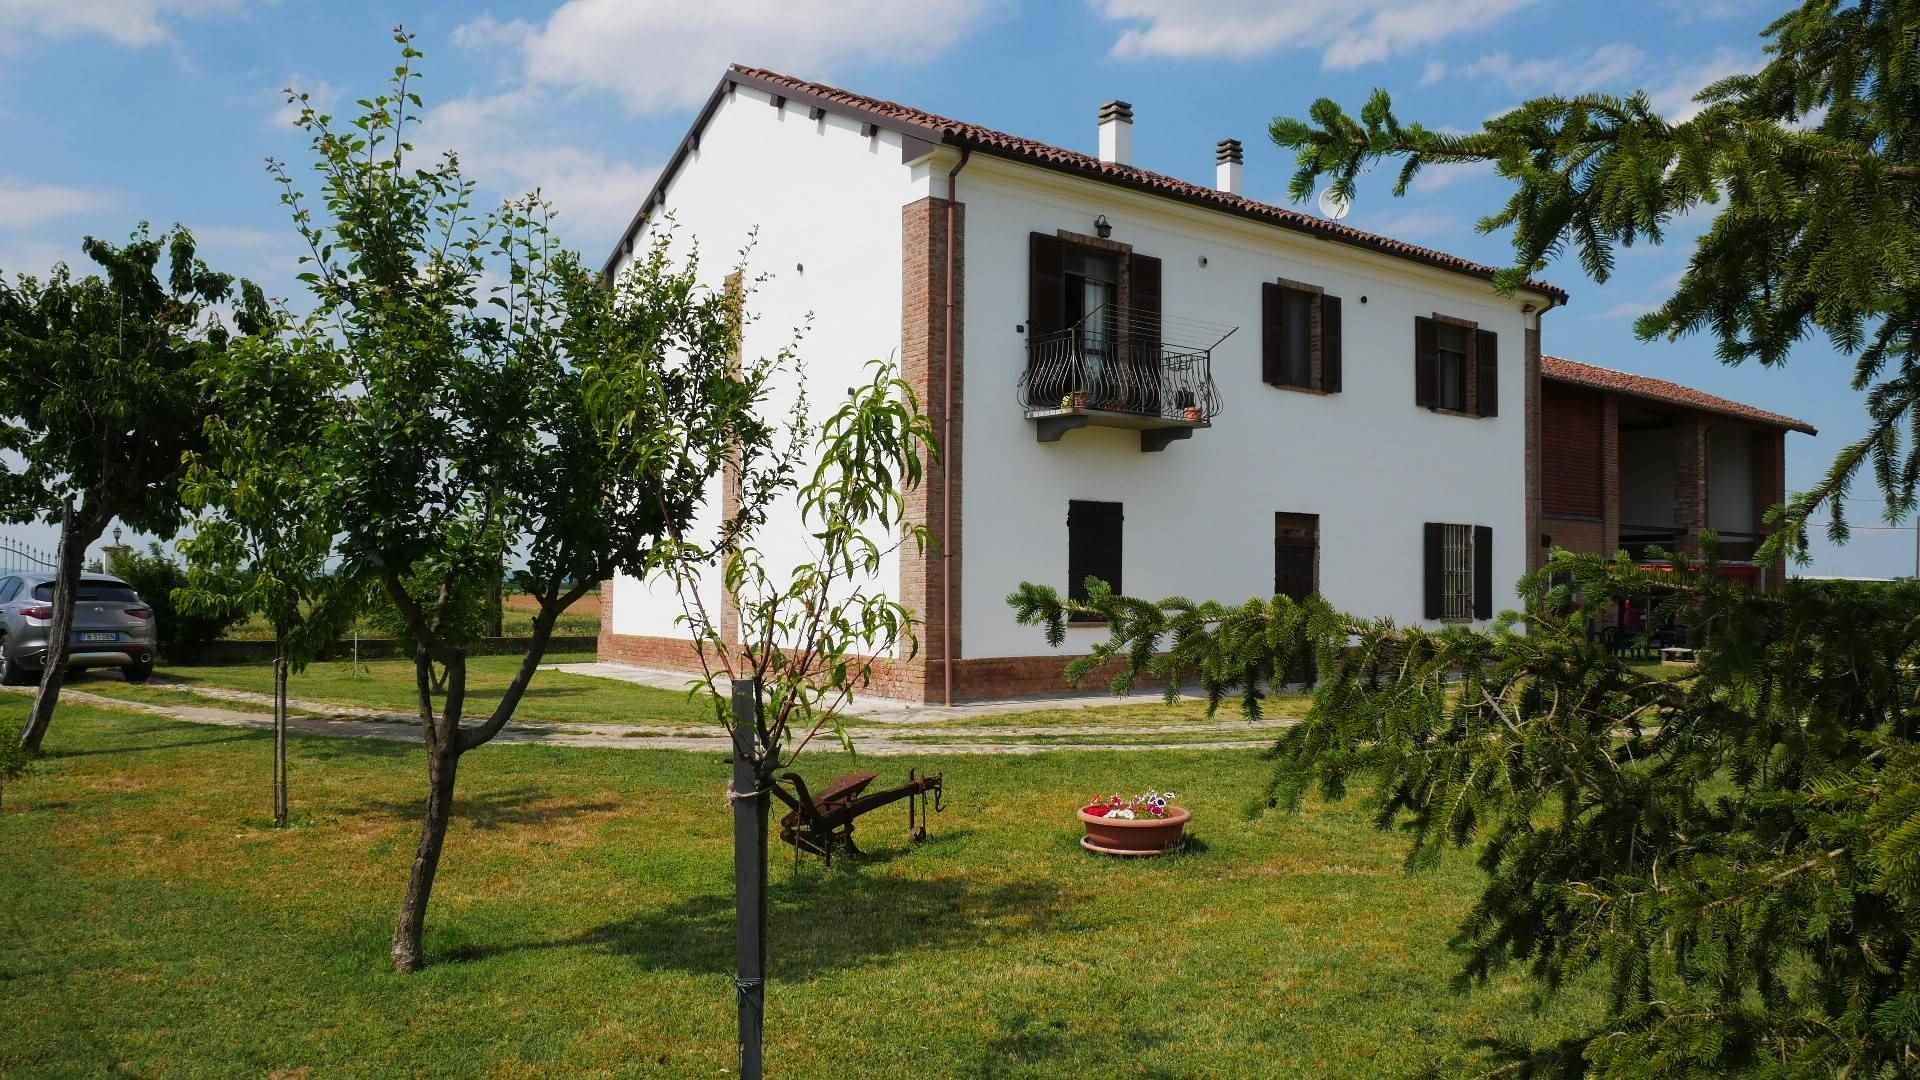 Villa in vendita a Pozzolo Formigaro, 15 locali, prezzo € 250.000 | CambioCasa.it